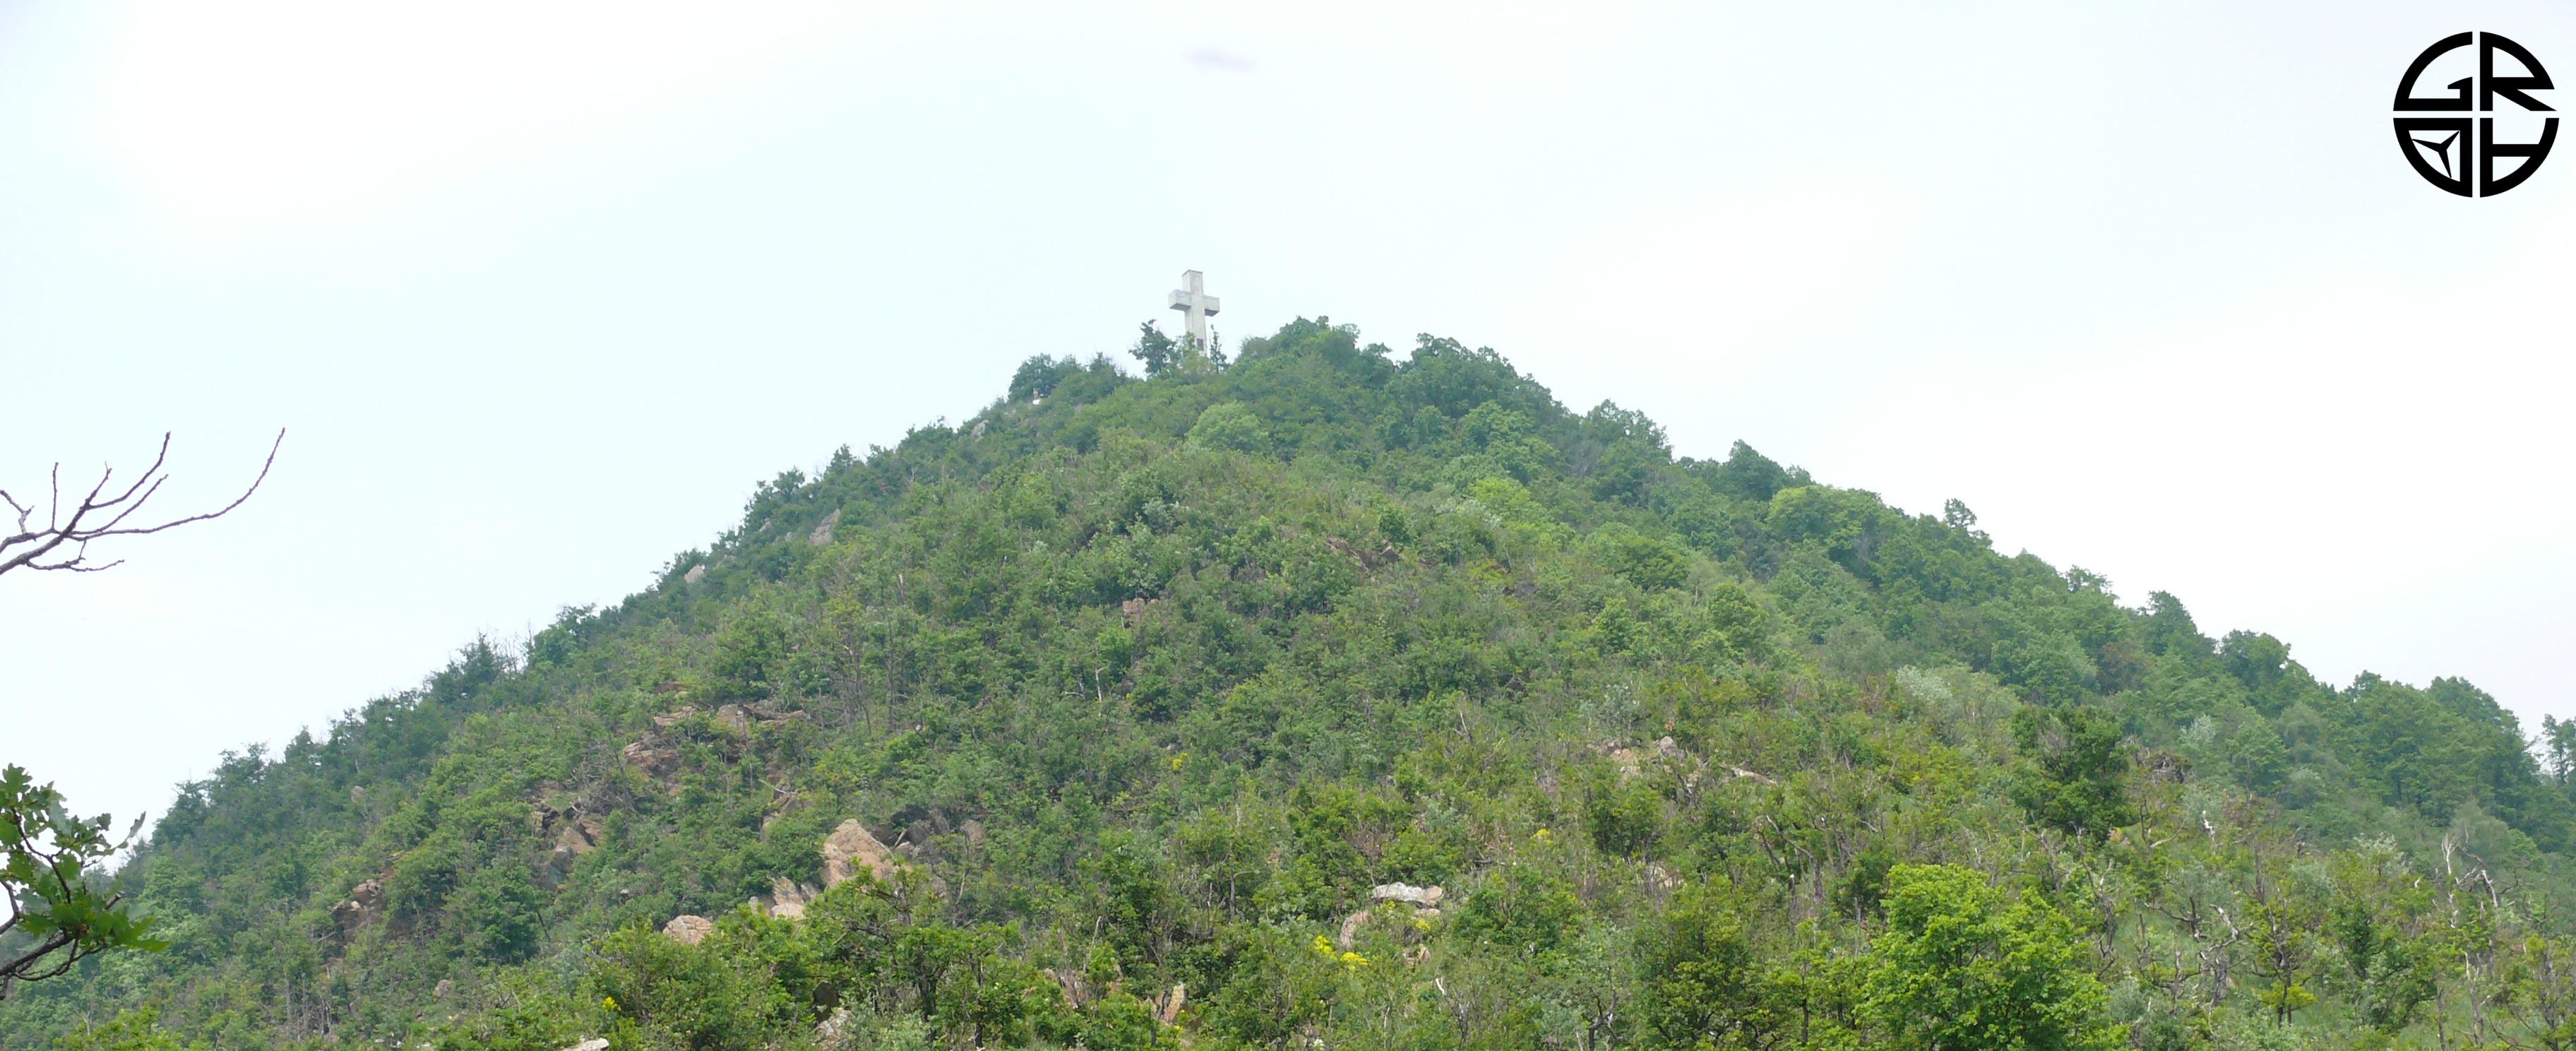 Monte Musinè: Oggetto non identificato..si, ma dagli Hunterbrothers